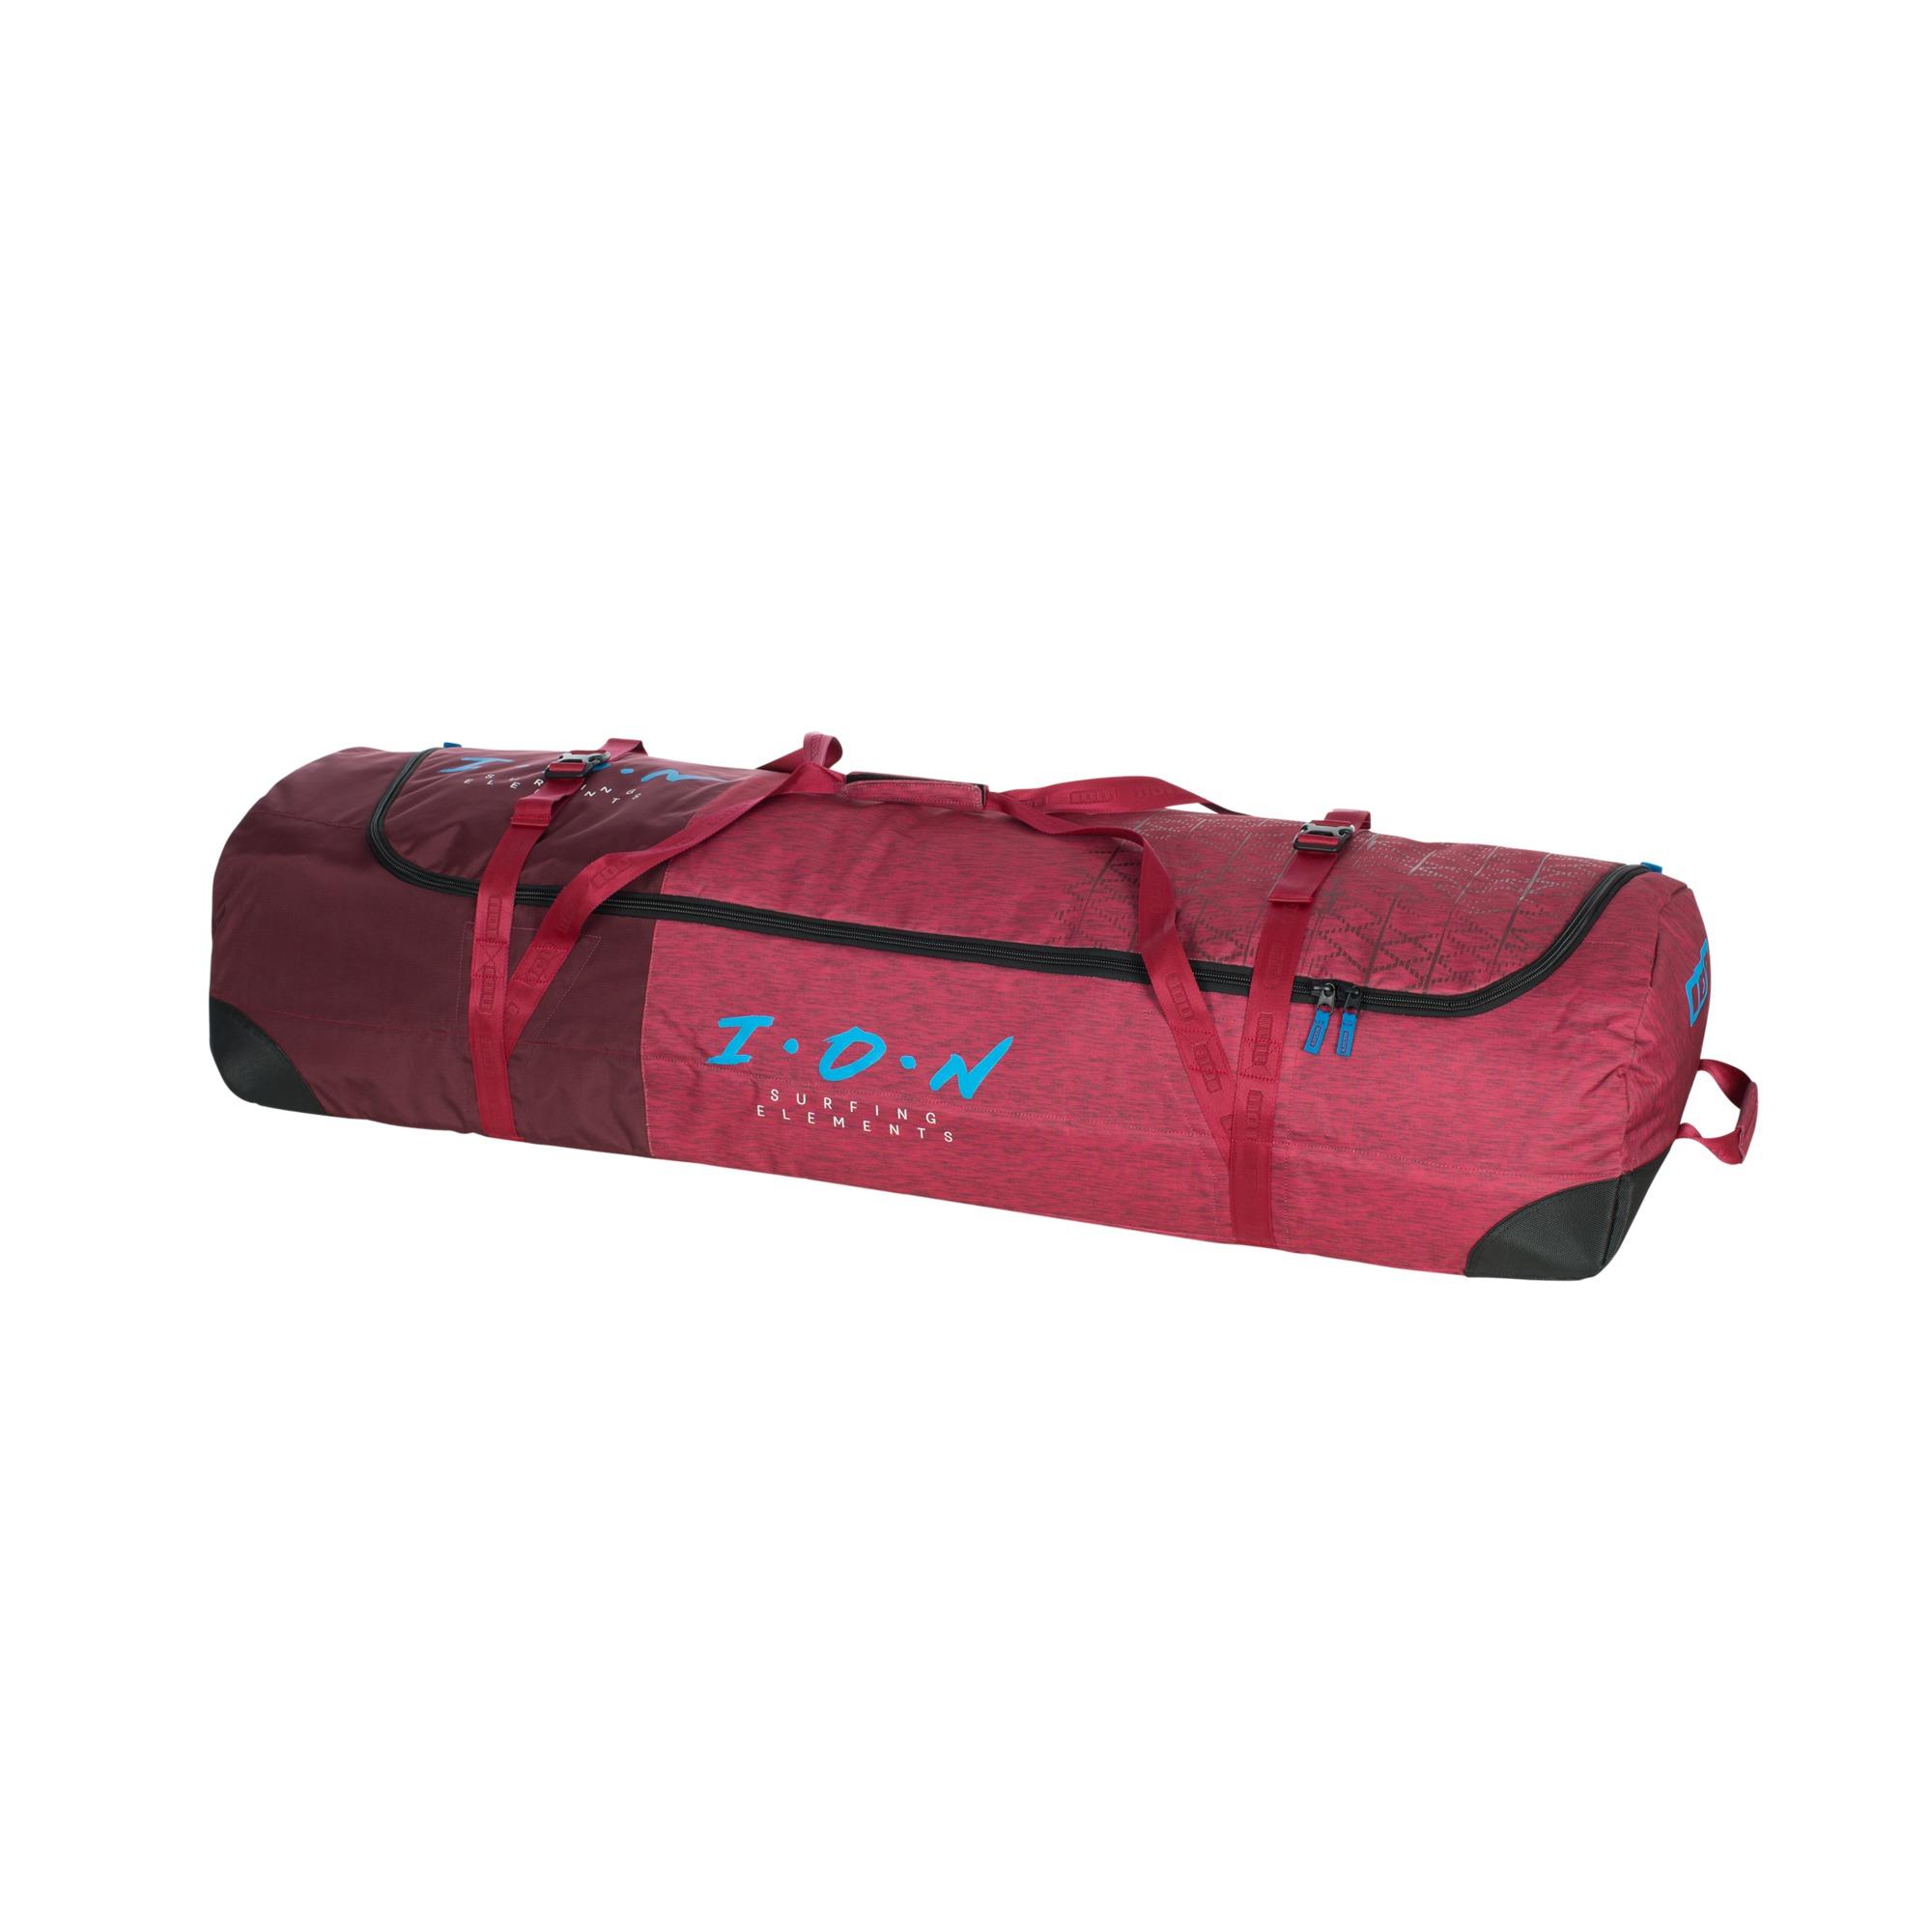 風箏板裝備袋_紅